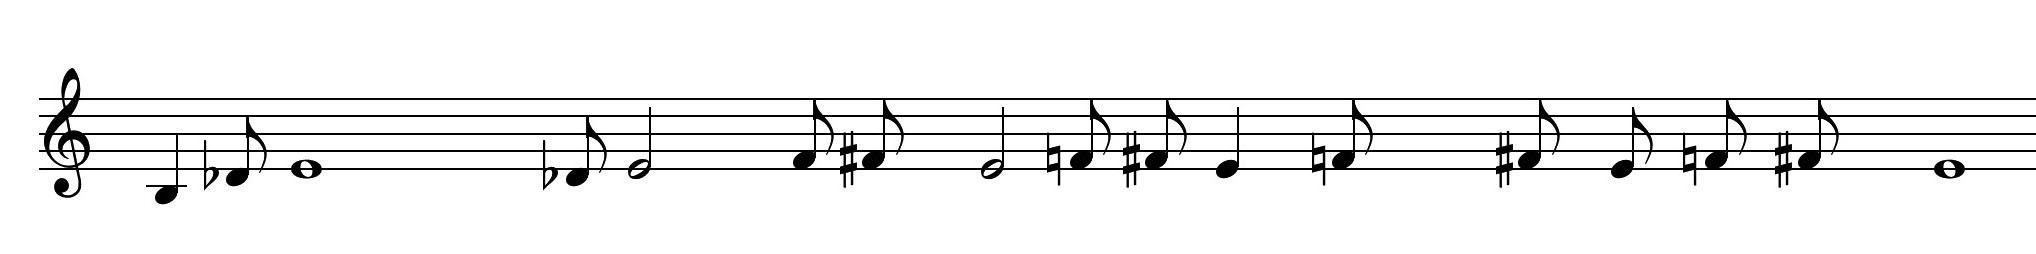 lalitagauri 5